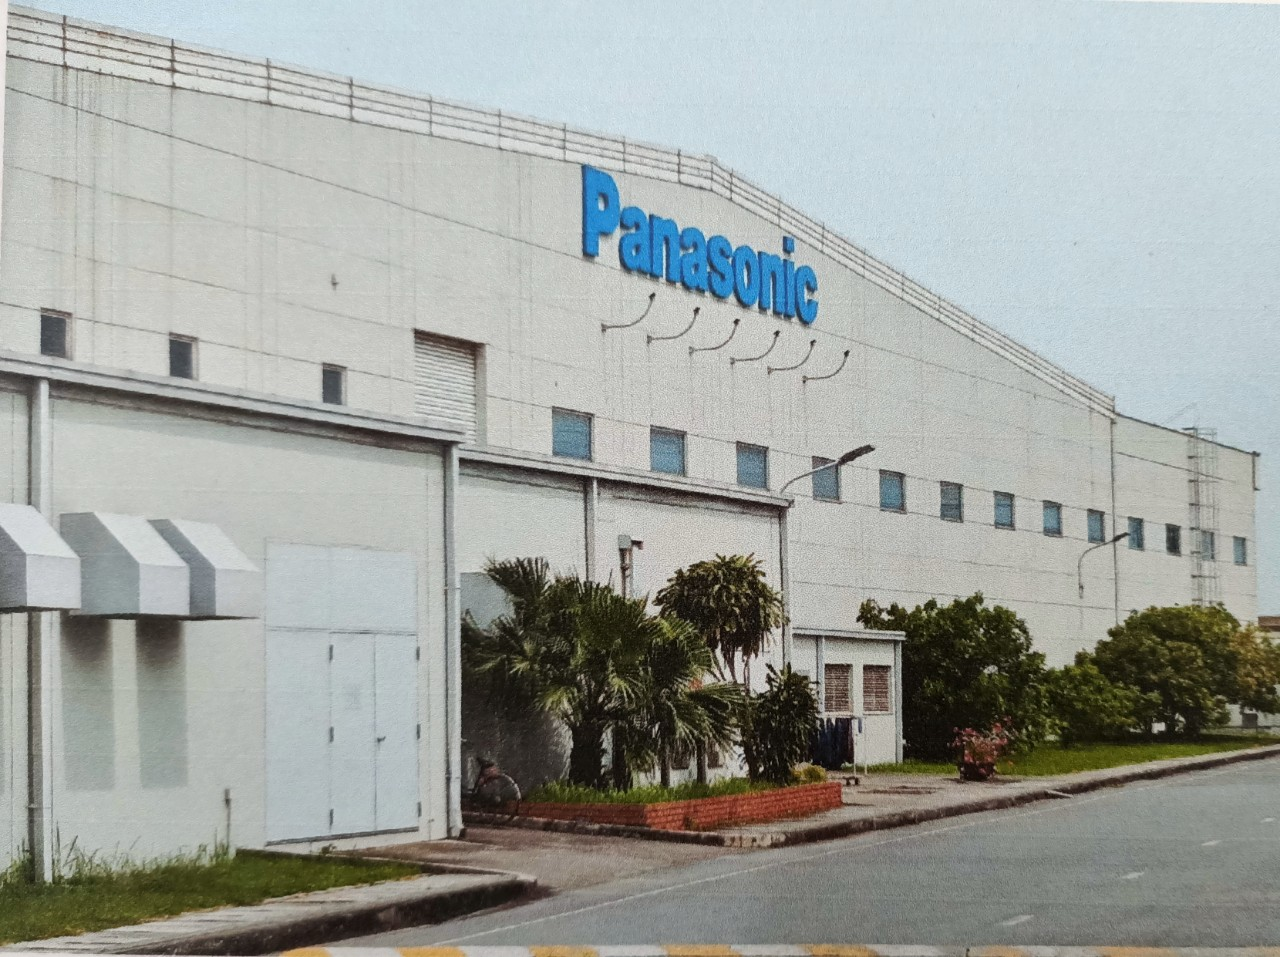 Panasonic sẽ ngừng sản xuất TV giá rẻ tại nhà máy Việt Nam để cắt giảm thua lỗ. Ảnh: Panasonic.